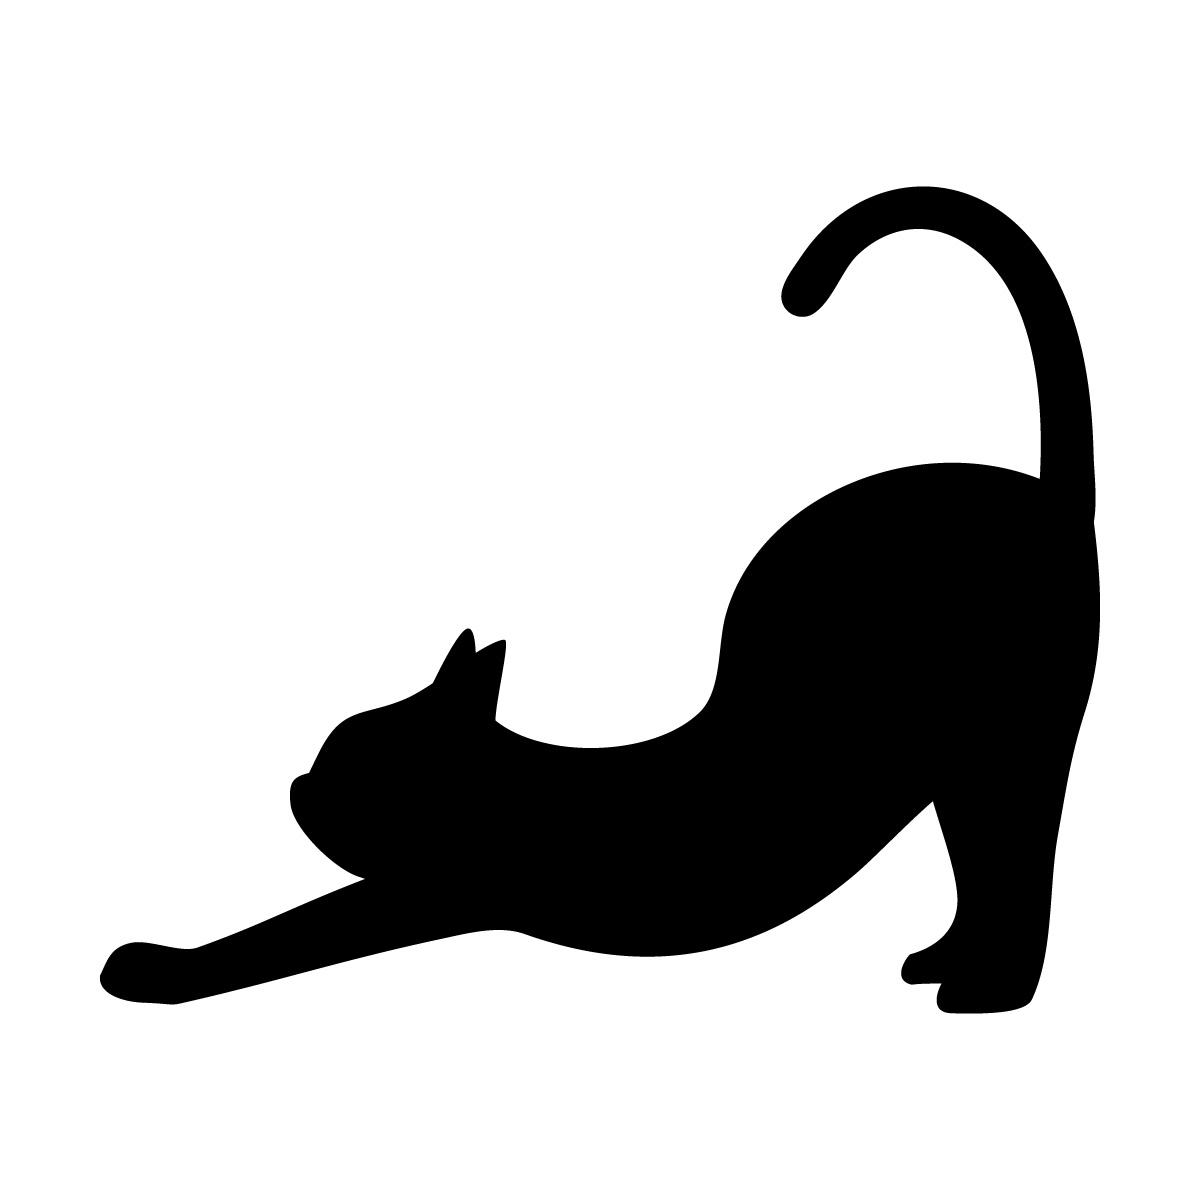 猫の背伸び(尻尾たち)ヨガポーズのシルエット ステッカー・シール